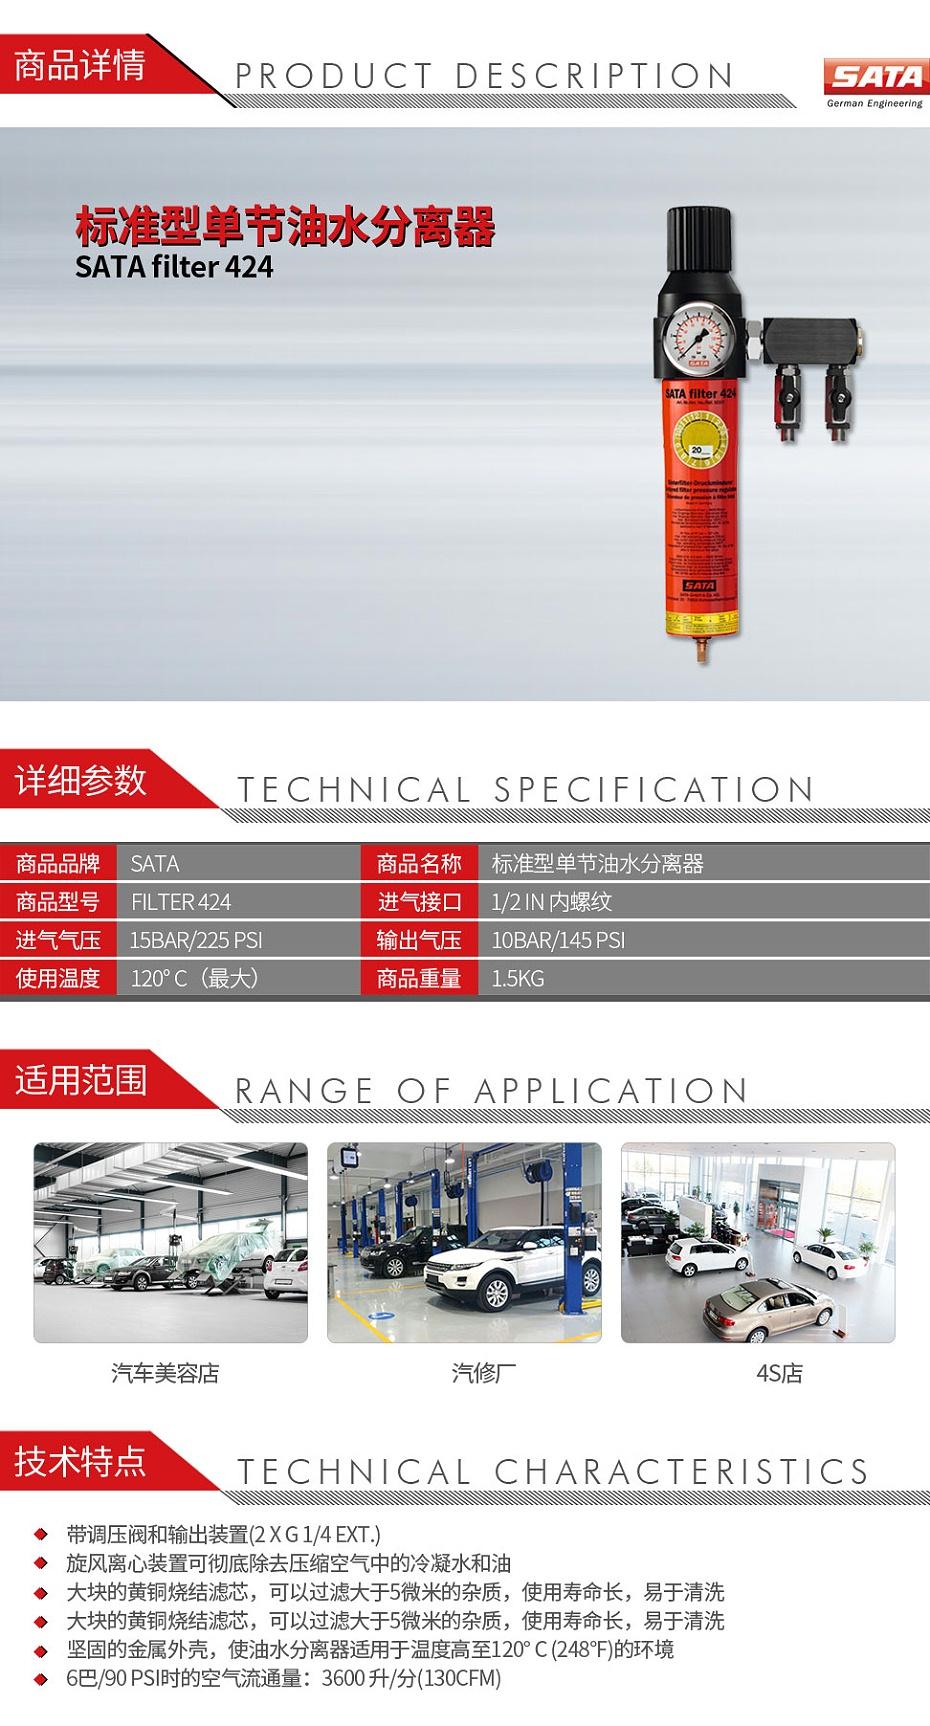 萨塔-SATA-filter-424-标准型单节油水分离器